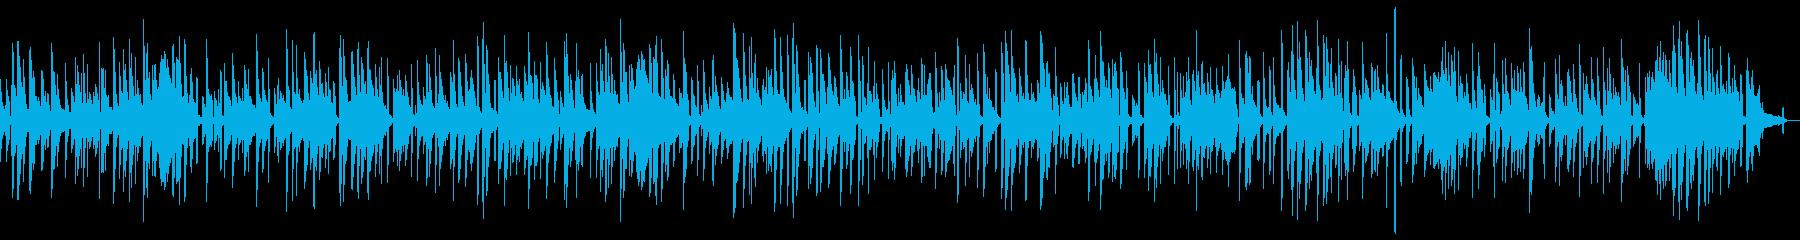 おしゃれに安らぎを与えるピアノ・ソロの再生済みの波形